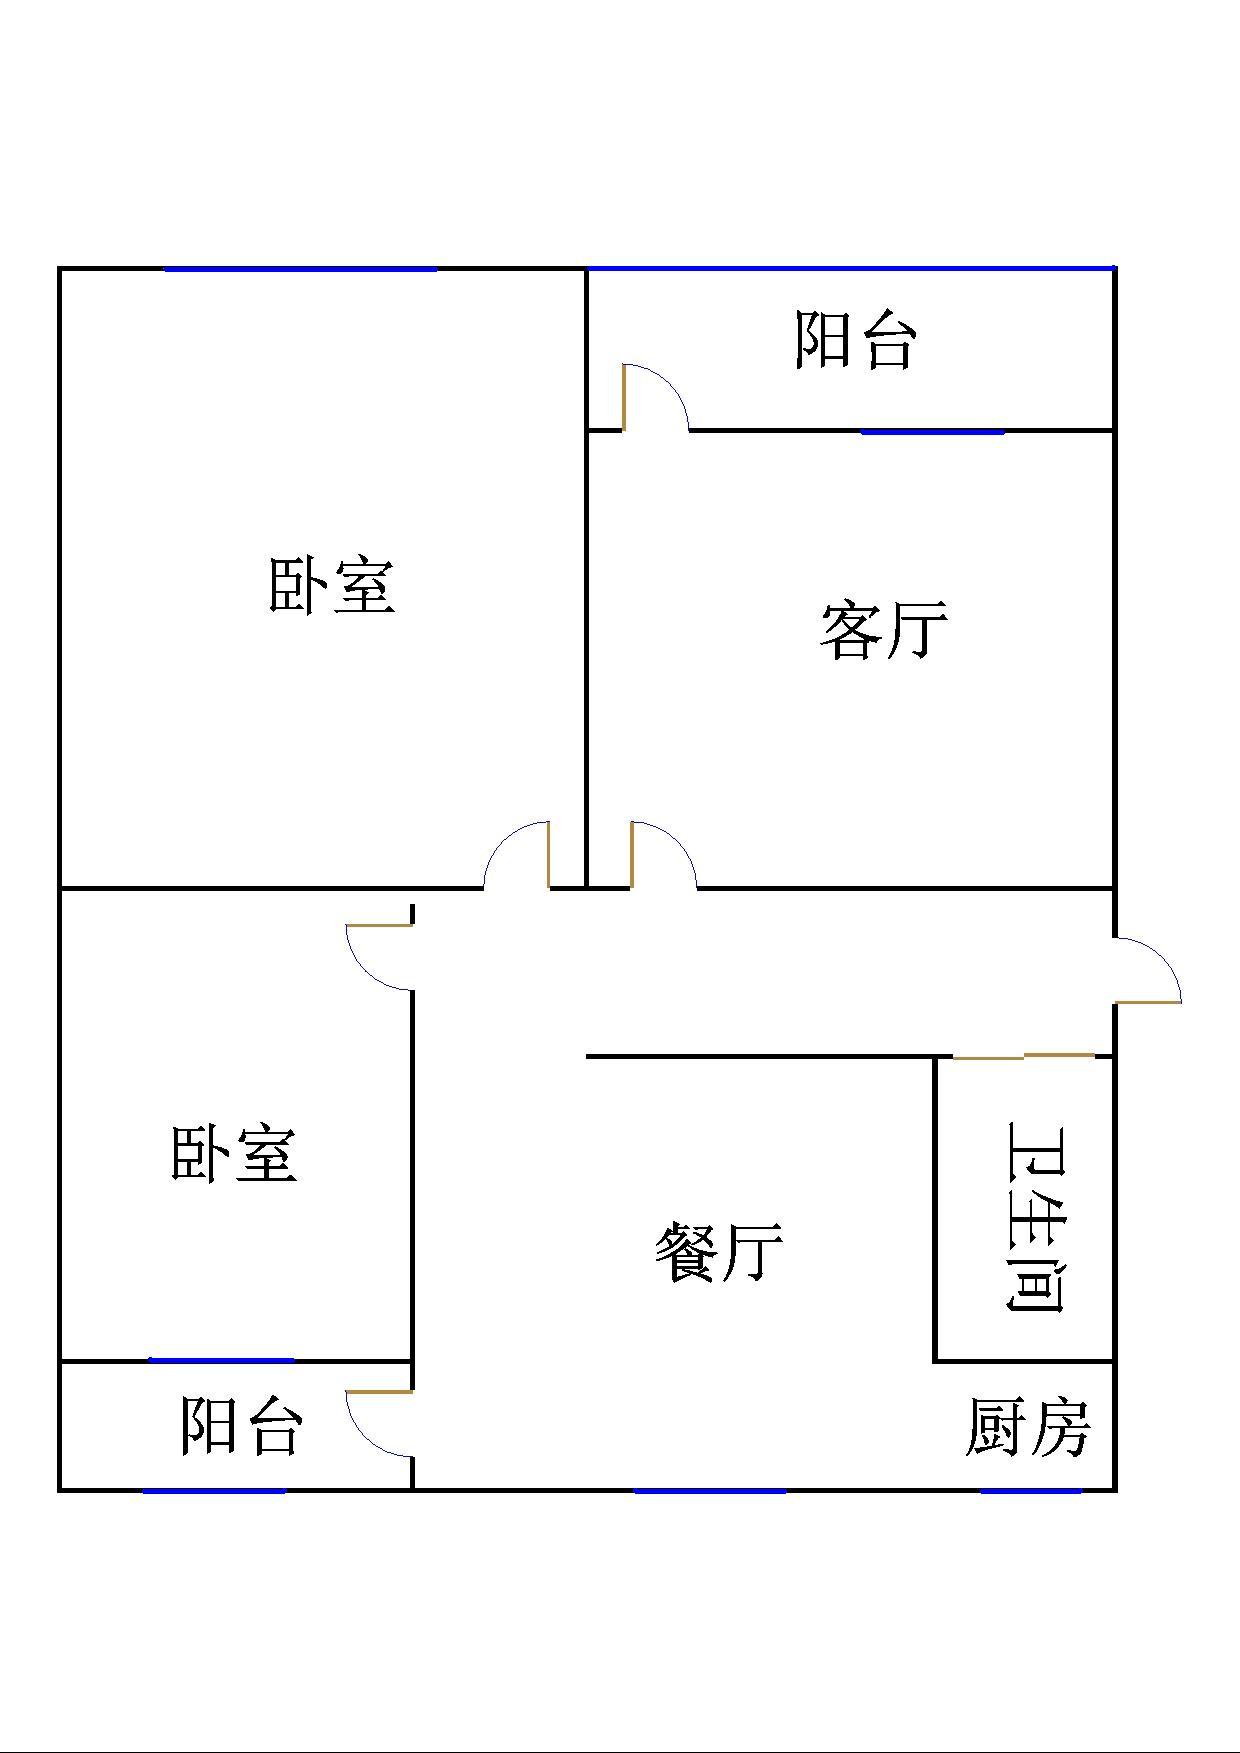 二棉宿舍 2室1厅 5楼